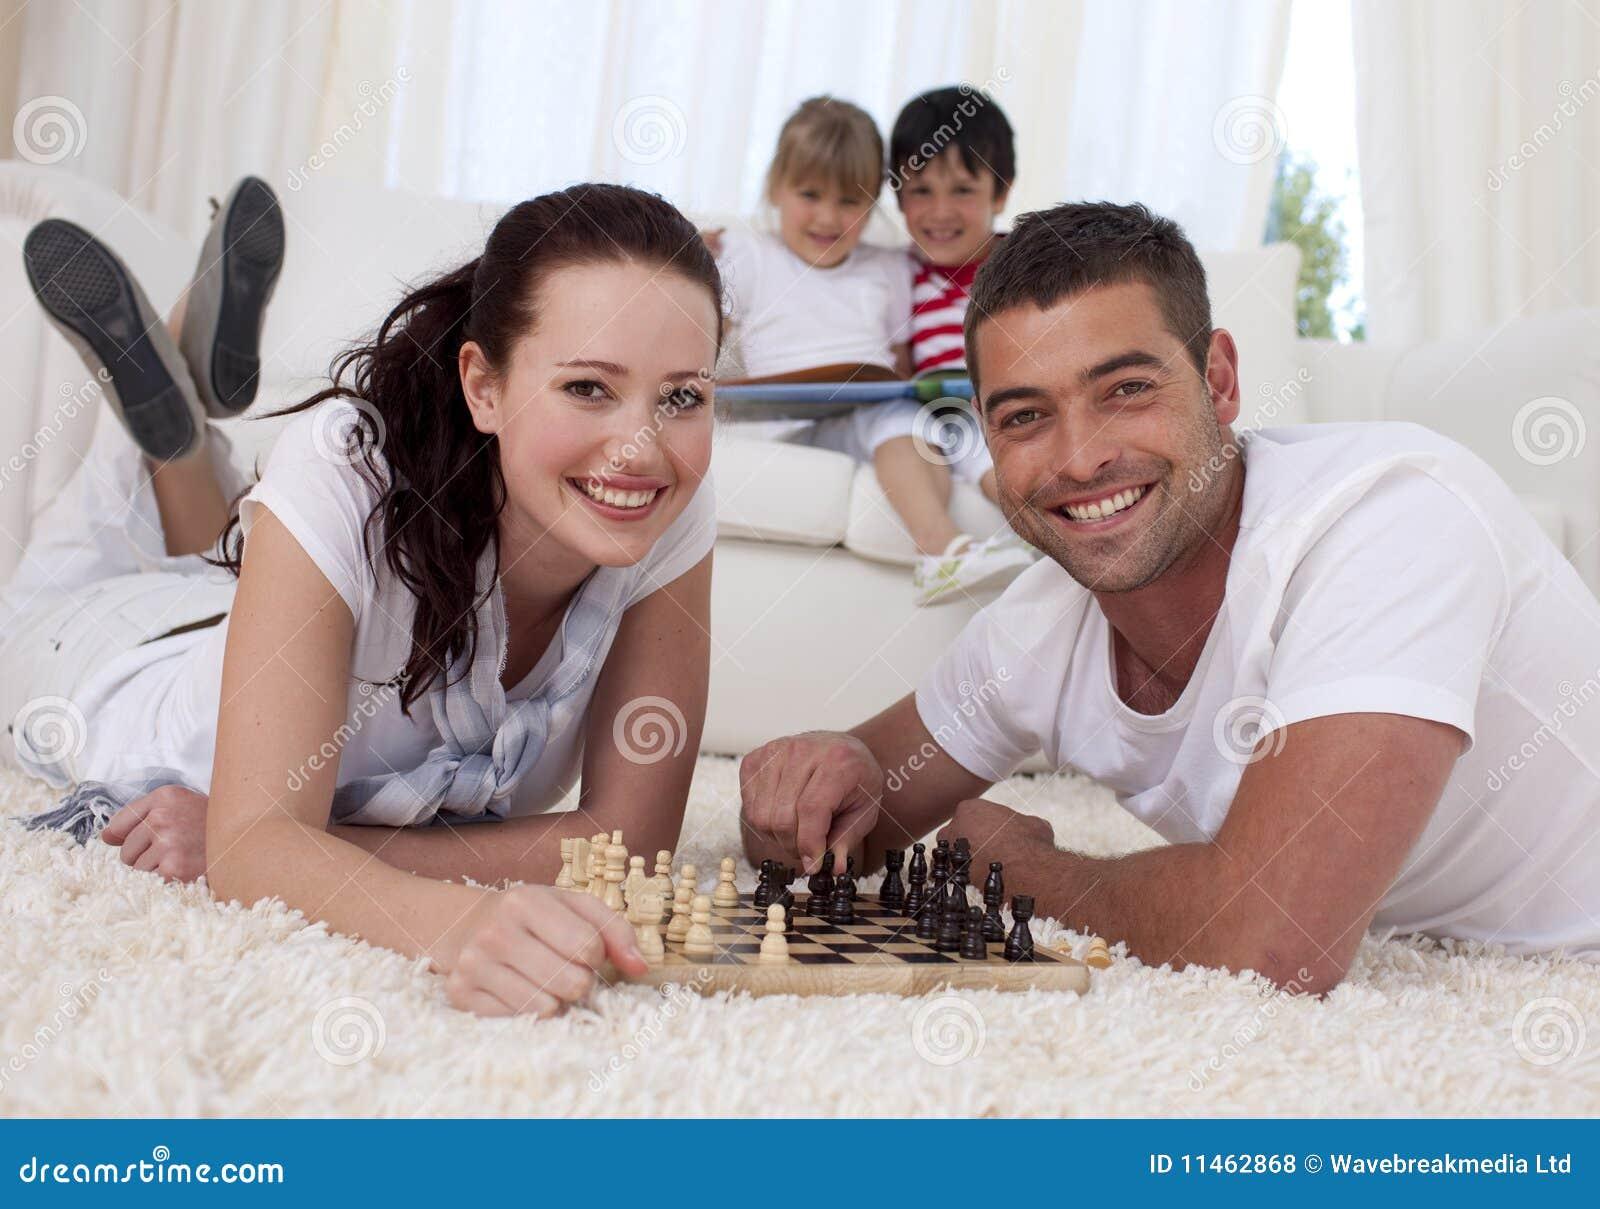 Супружеские пары играют в карты